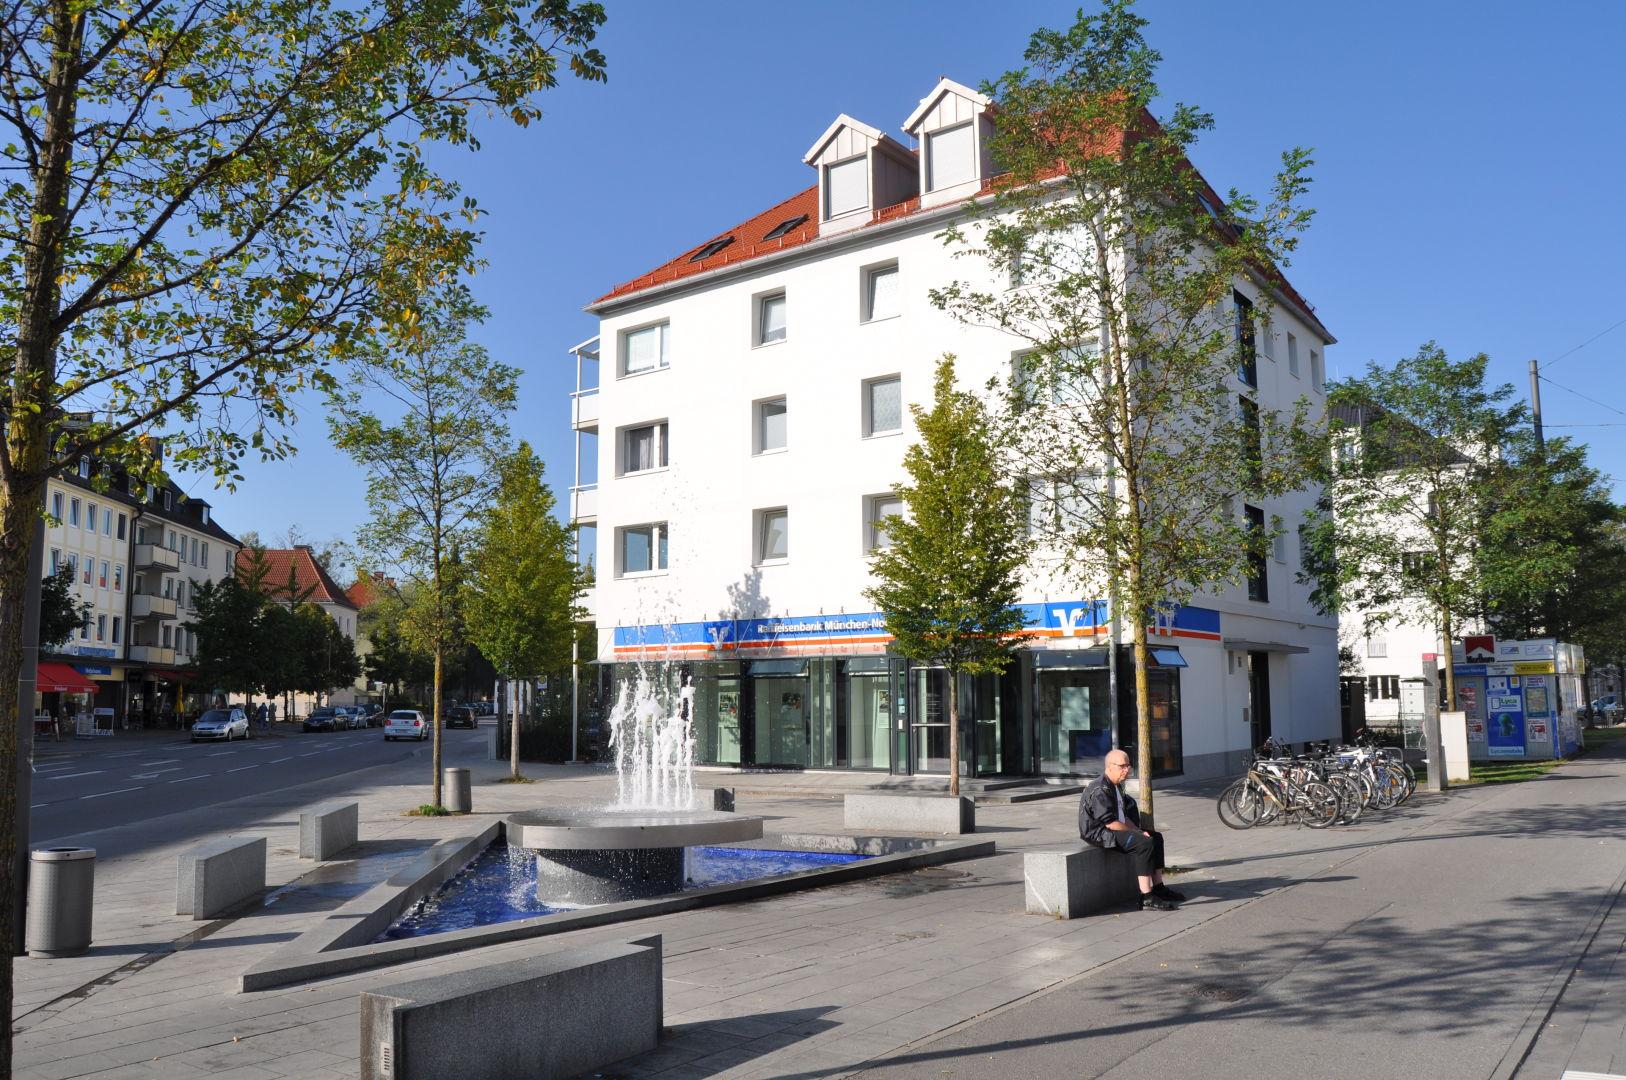 Filiale der Raiffeisenbank München - Nord am Moosacher Stachus